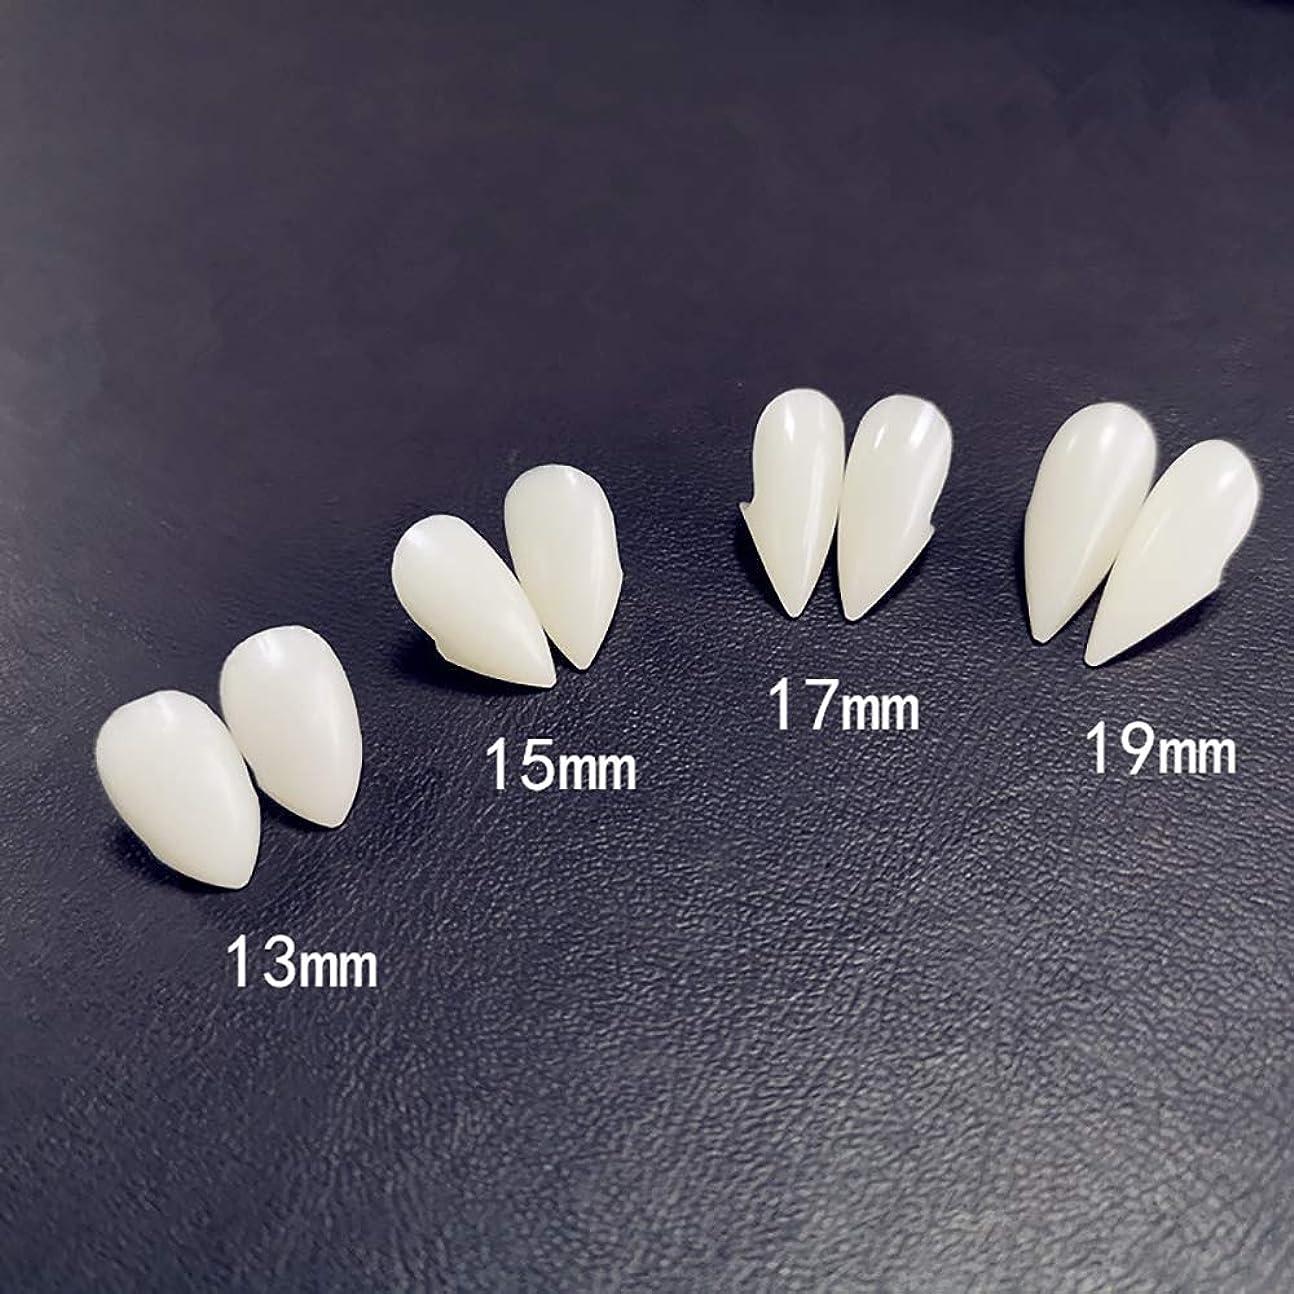 勘違いする農場機転4サイズ義歯歯牙牙義歯小道具ハロウィンコスチューム小道具パーティーの好意休日diy装飾ホラー大人のための子供-6ペア,19mm